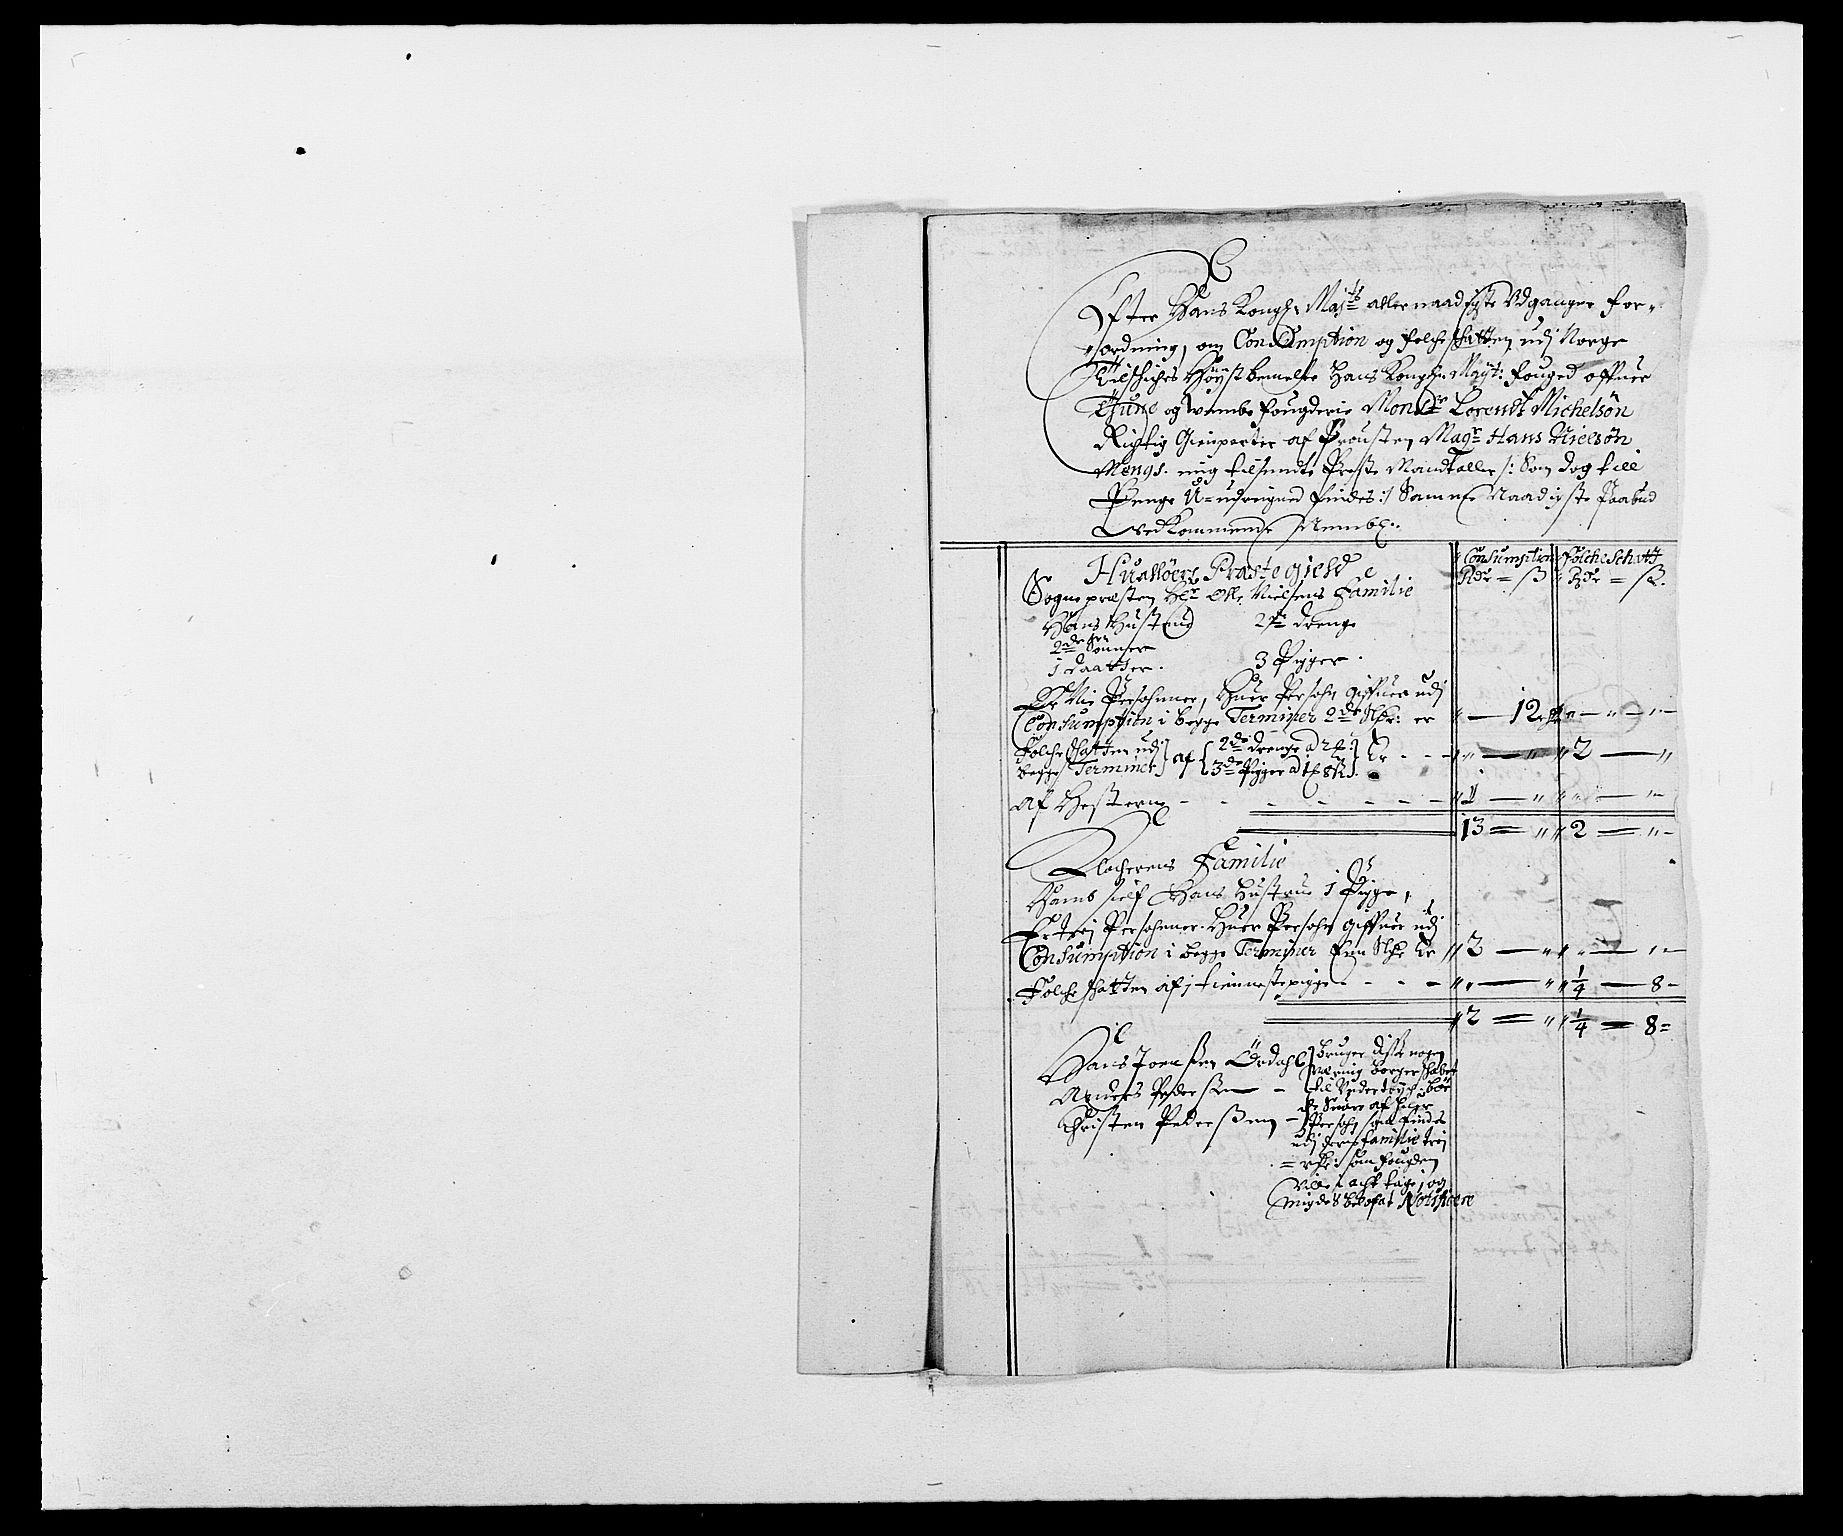 RA, Rentekammeret inntil 1814, Reviderte regnskaper, Fogderegnskap, R03/L0114: Fogderegnskap Onsøy, Tune, Veme og Åbygge fogderi, 1678-1683, s. 128